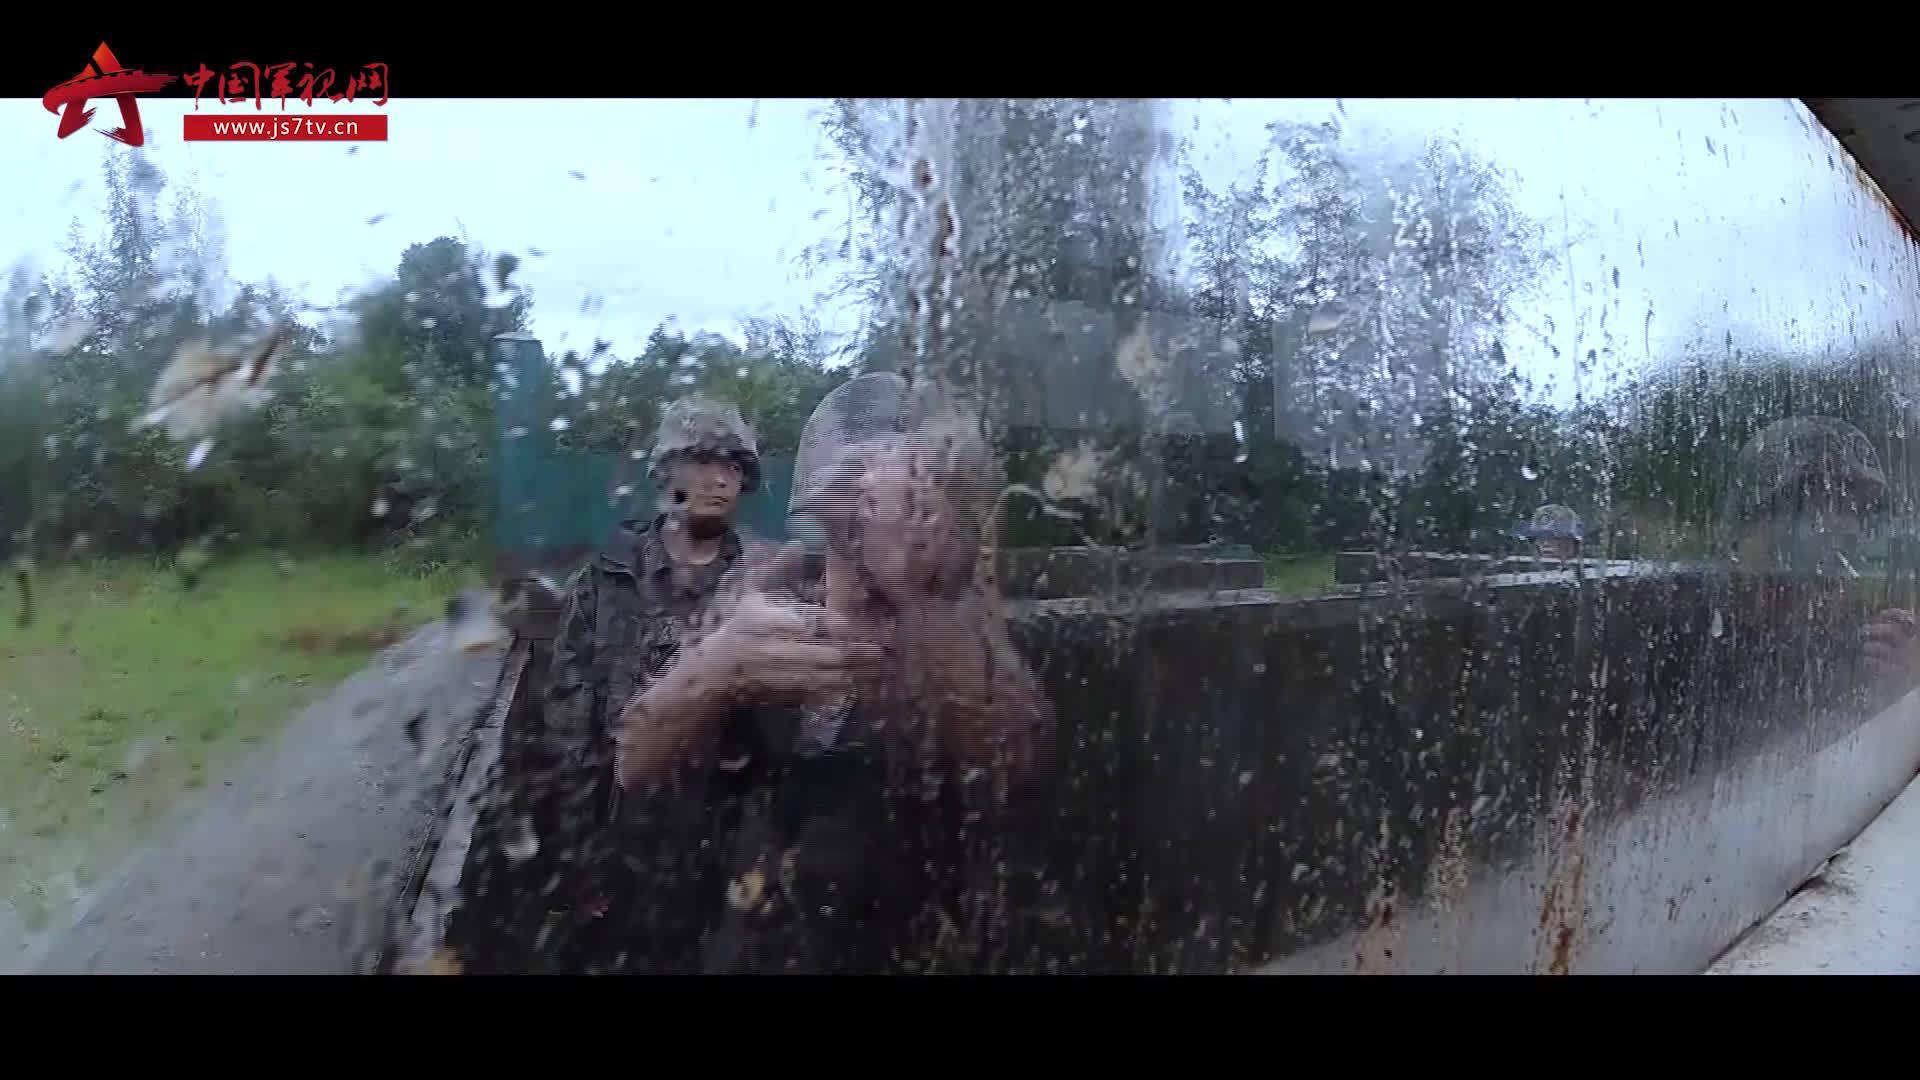 雨中练兵!@驻香港部队 展开多项实战化课目演练